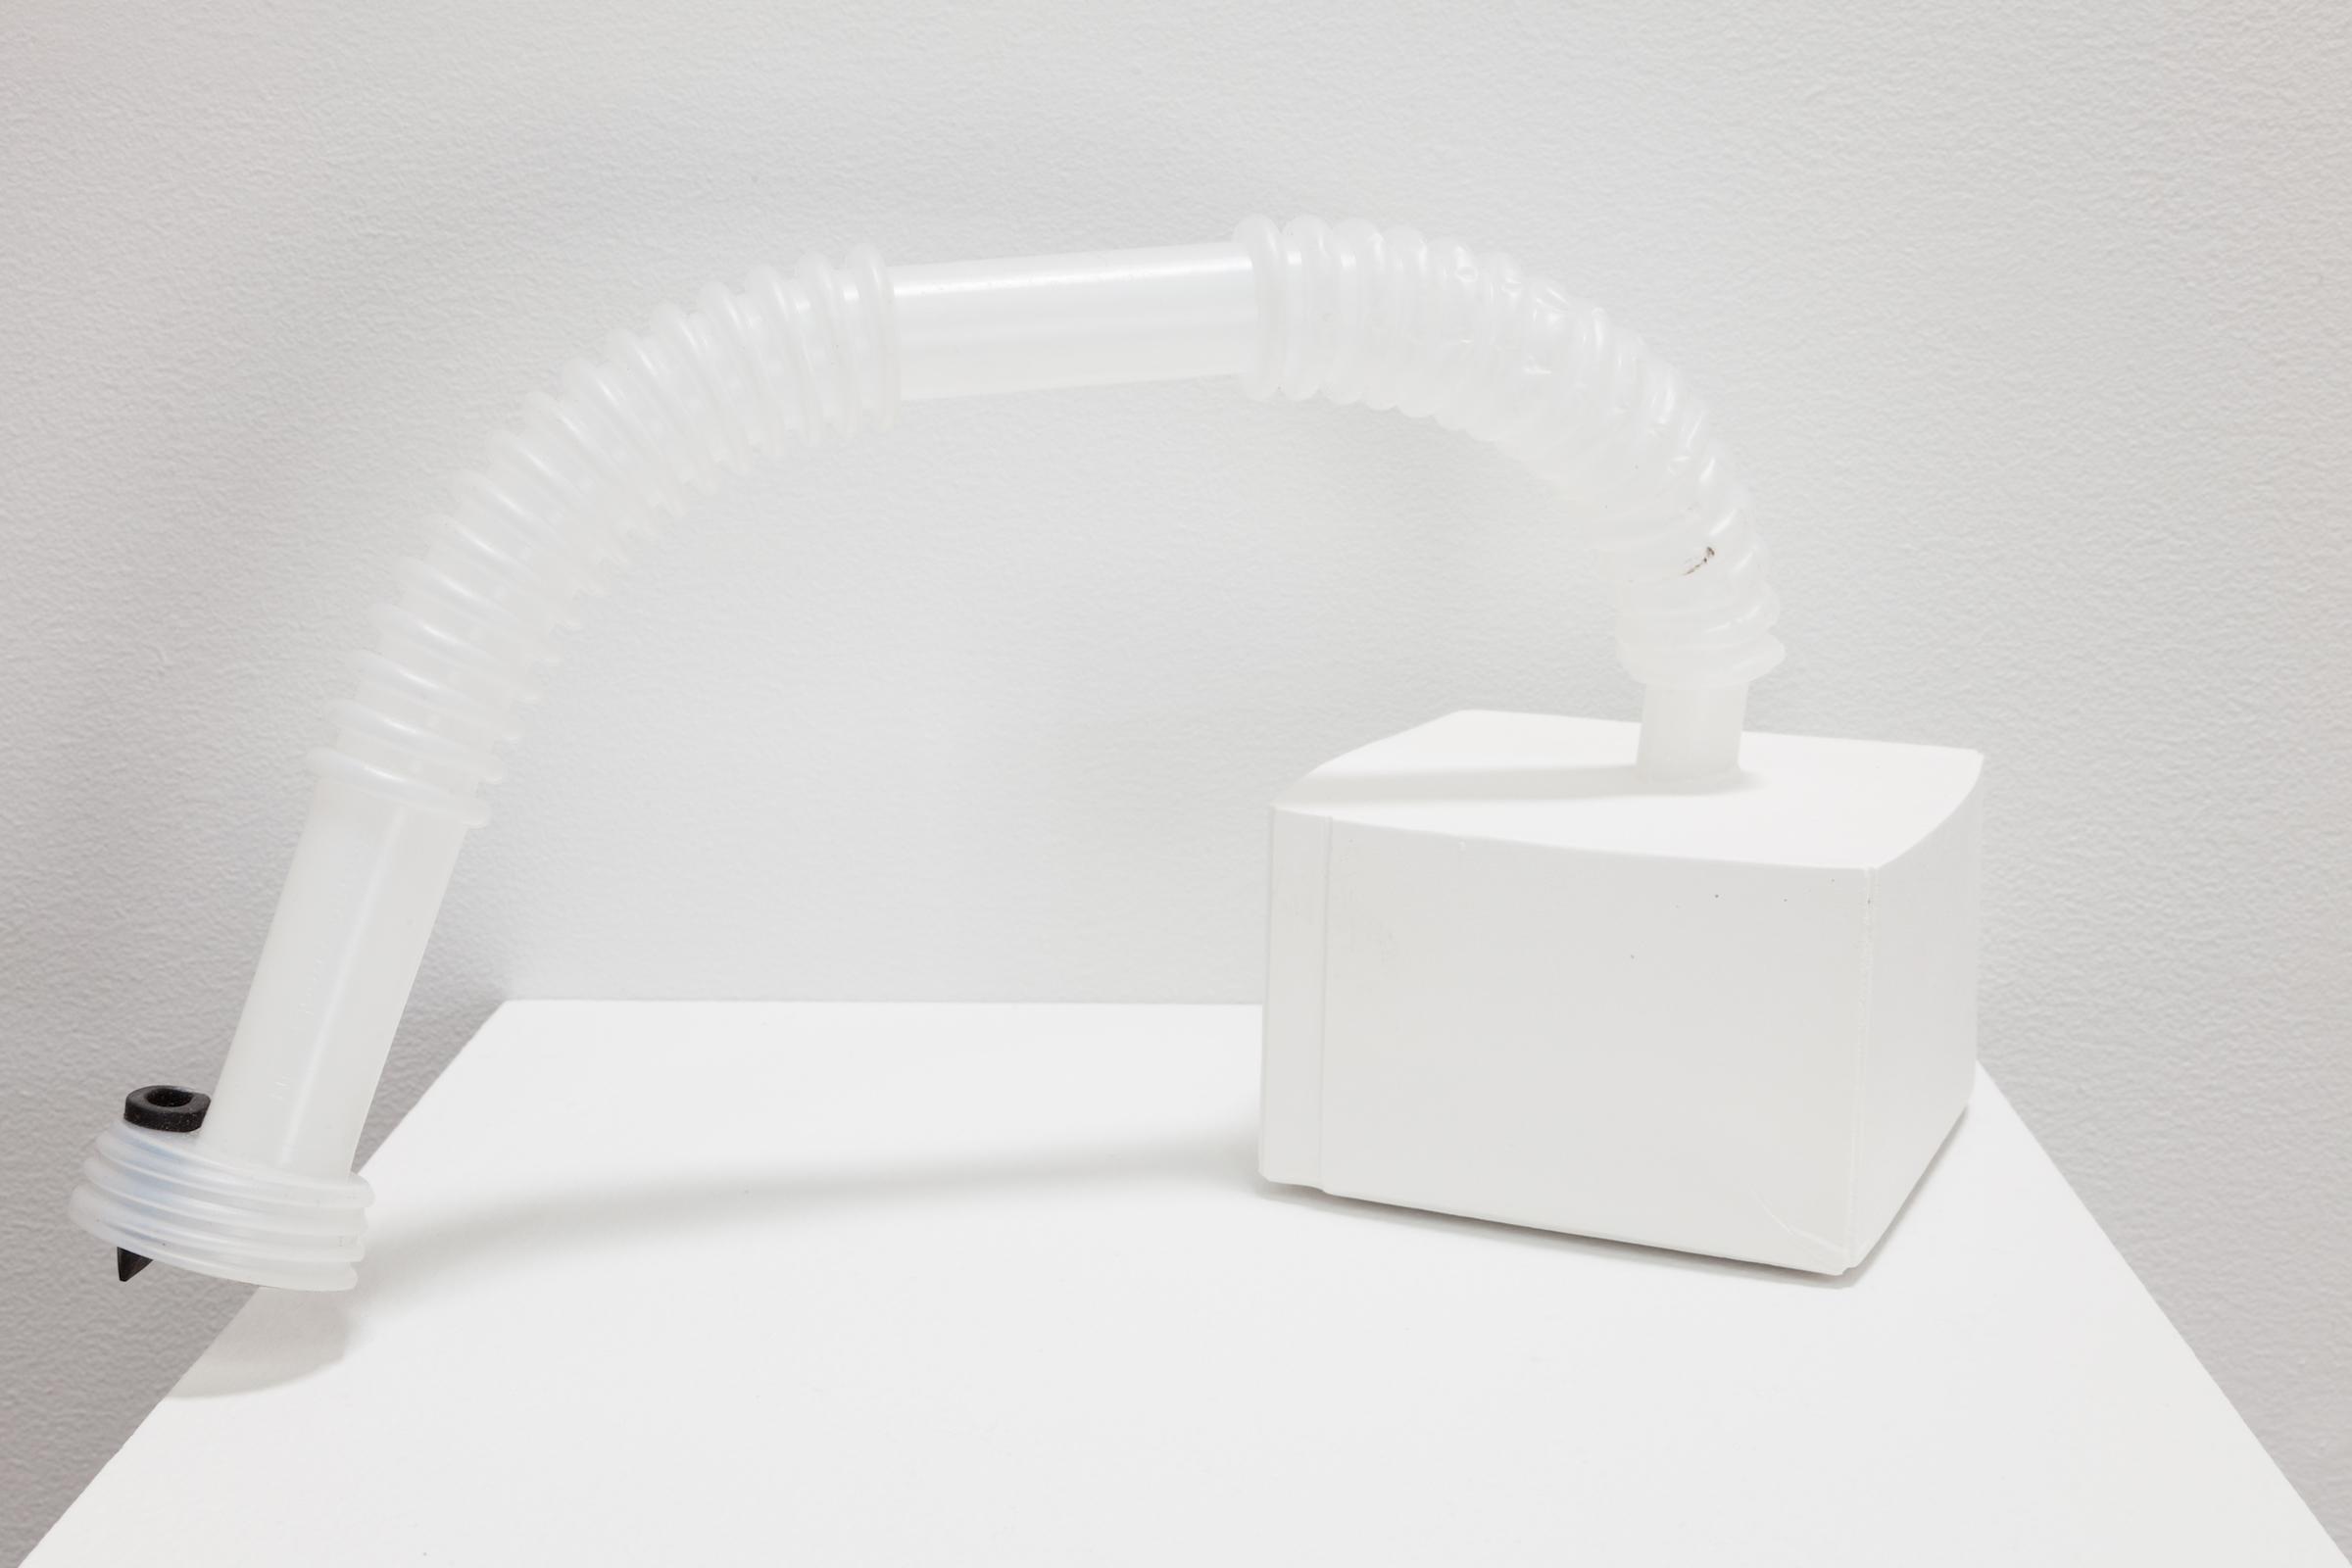 Deborah Hede,  Untitled , 2012, black plastic tubing, plaster, 5 × 6 × 5 in